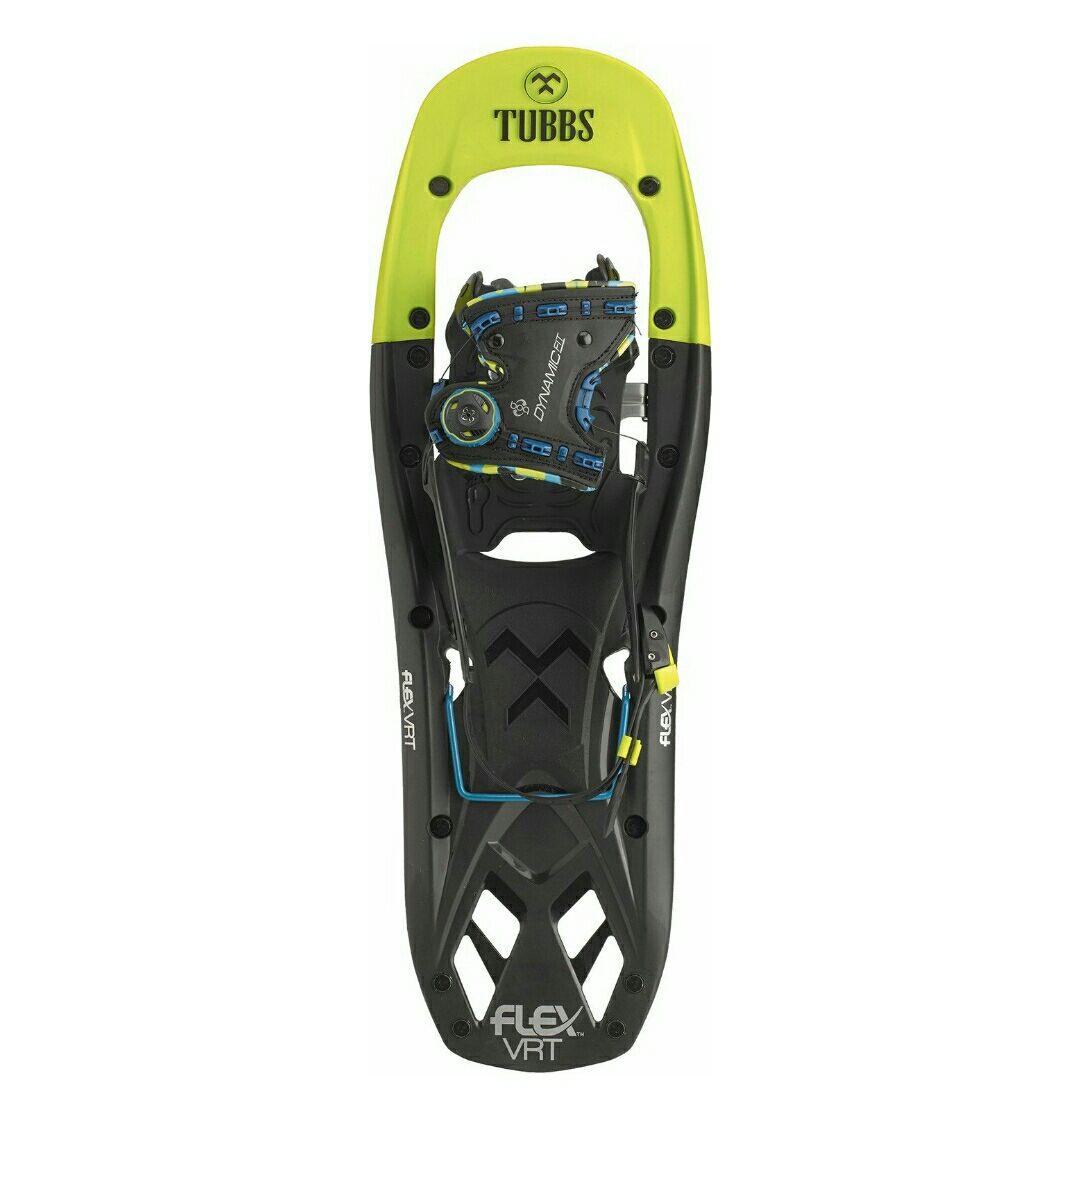 Für Bergfreunde Tubbs Flex VRT 28 Schneeschuhe und weitere Outdoor Artikel Reduziert 10-20%